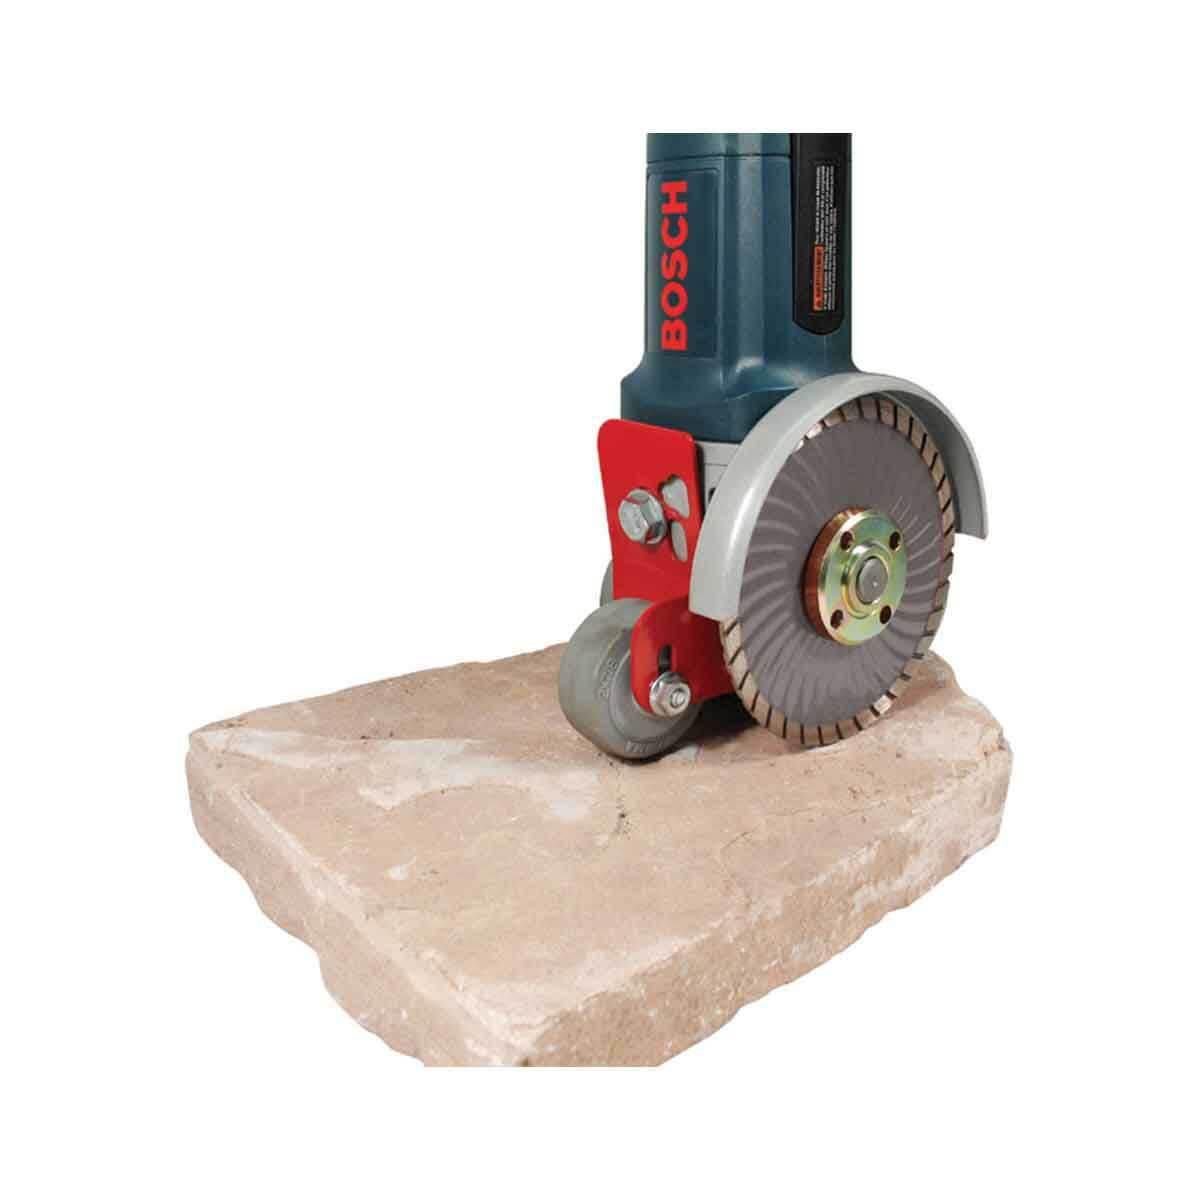 adjustable depth cut for grinder attachment